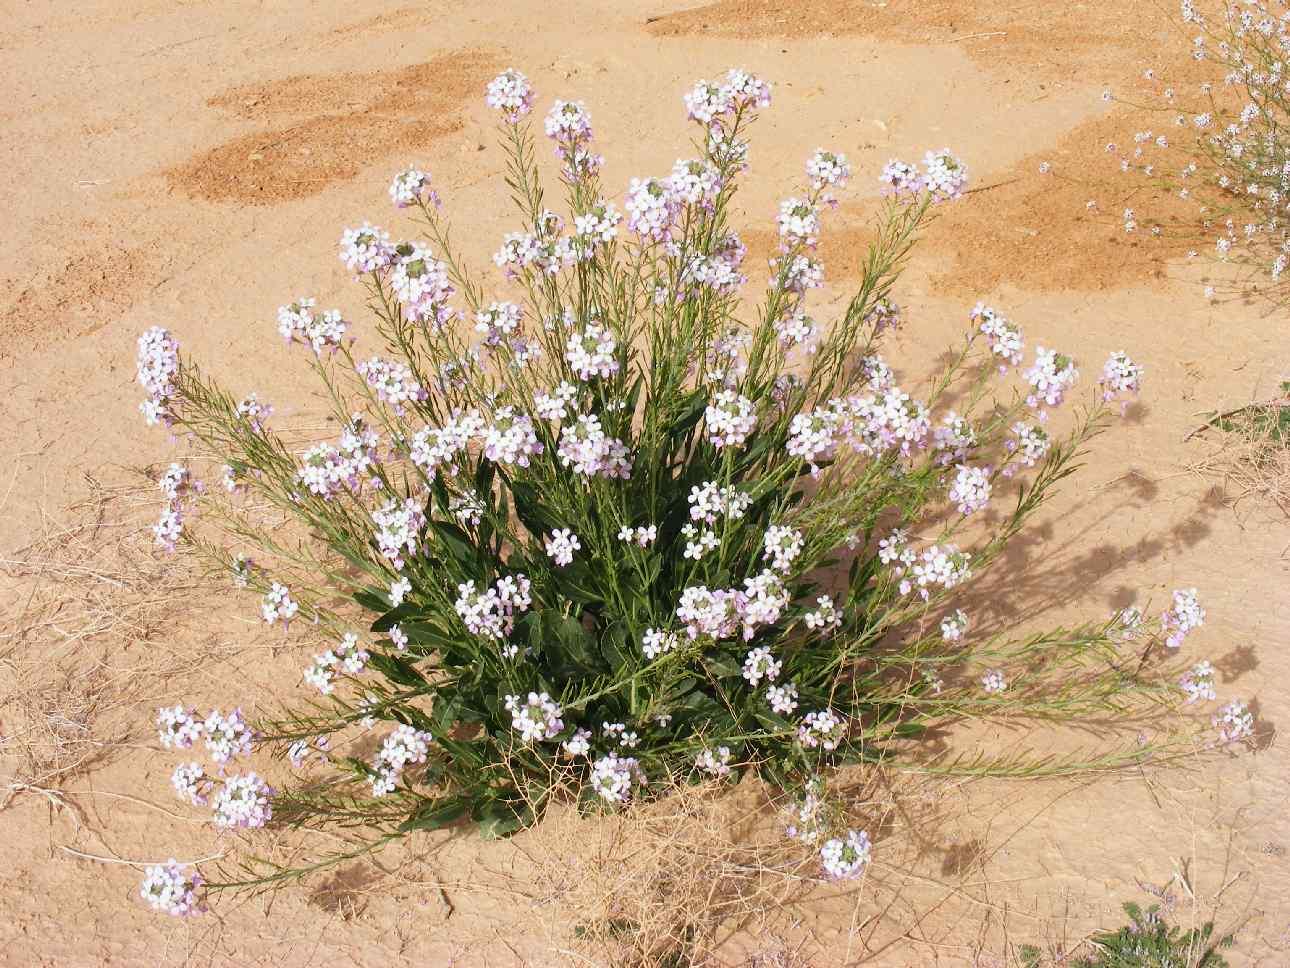 Desert Flower exuberance, Arava 2013, following floods